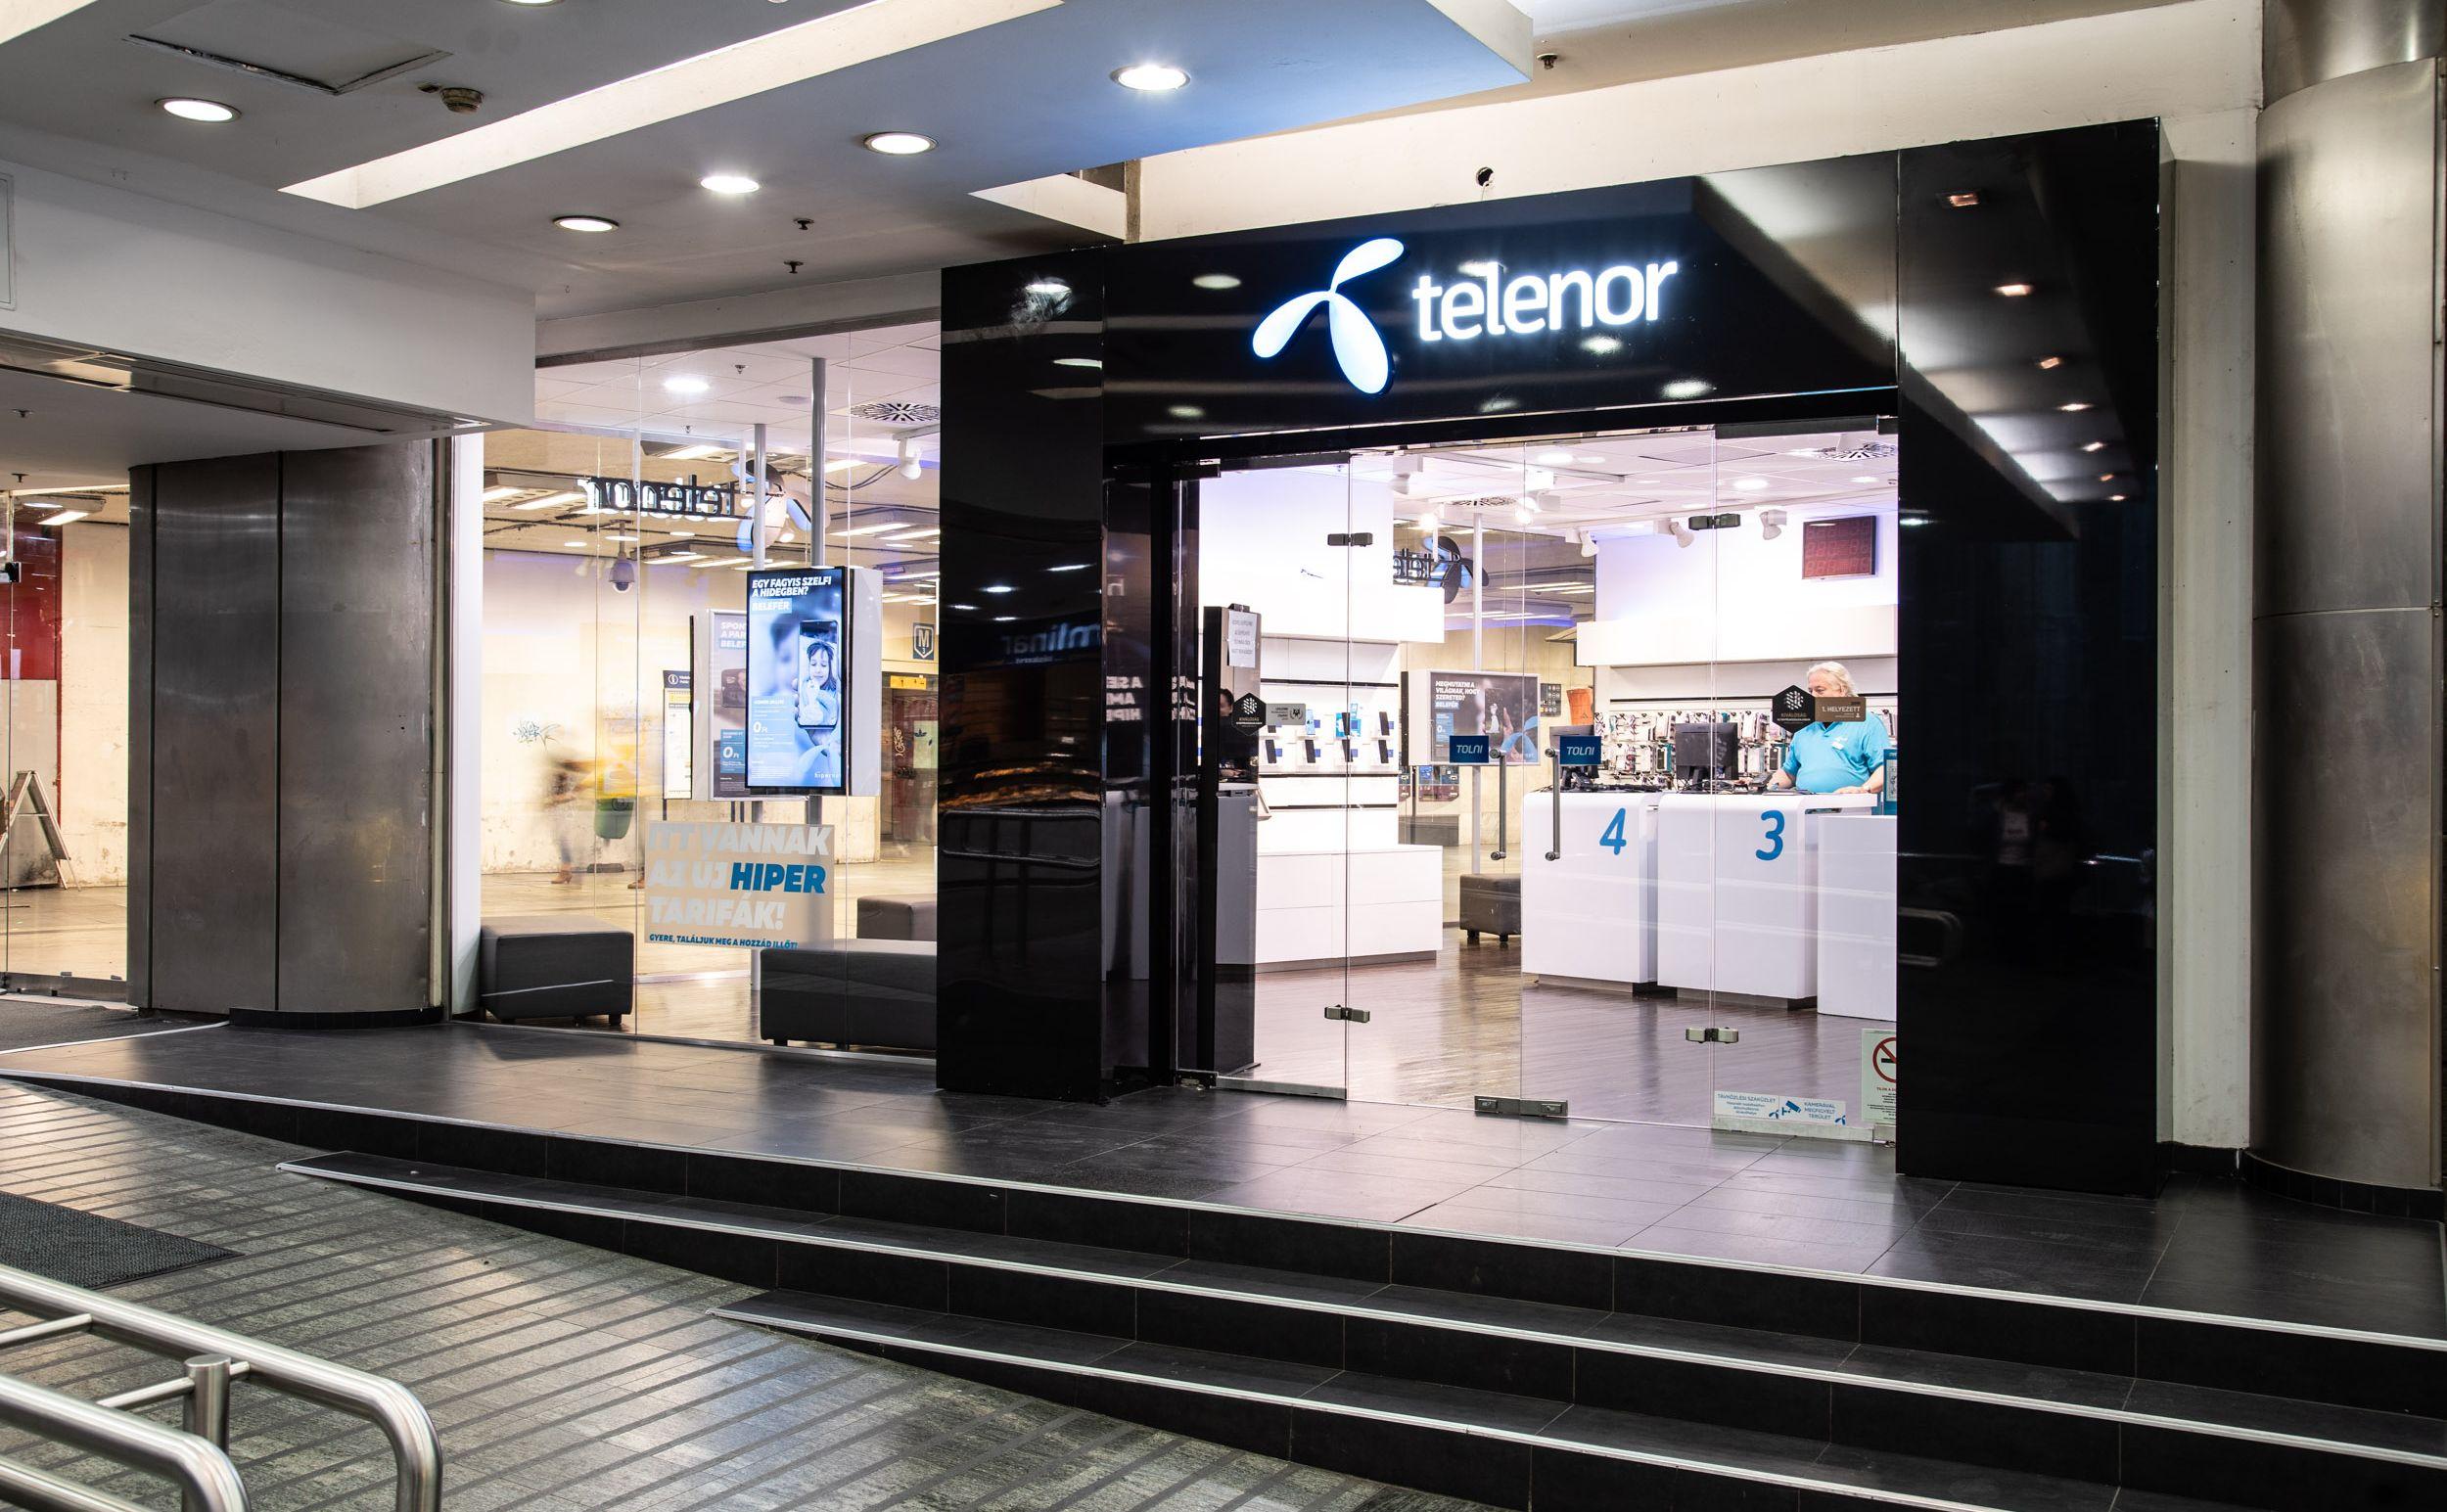 Telenor Westend mall חבילת גלישה כרטיס סים מקומי קניון ווסטאנד בודפשט